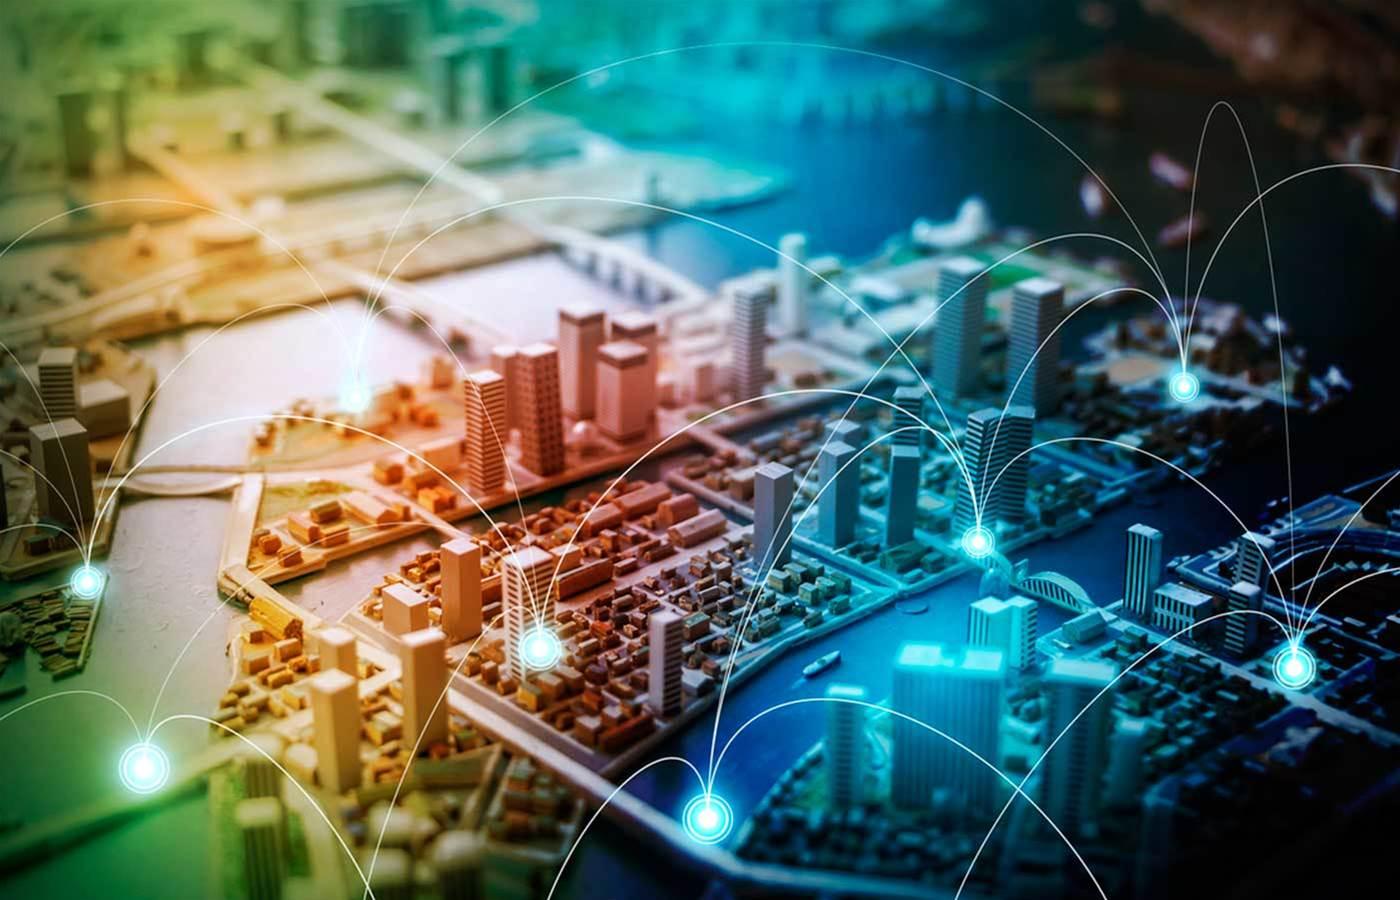 Datacom IoT platform SenseTo landing in Australia